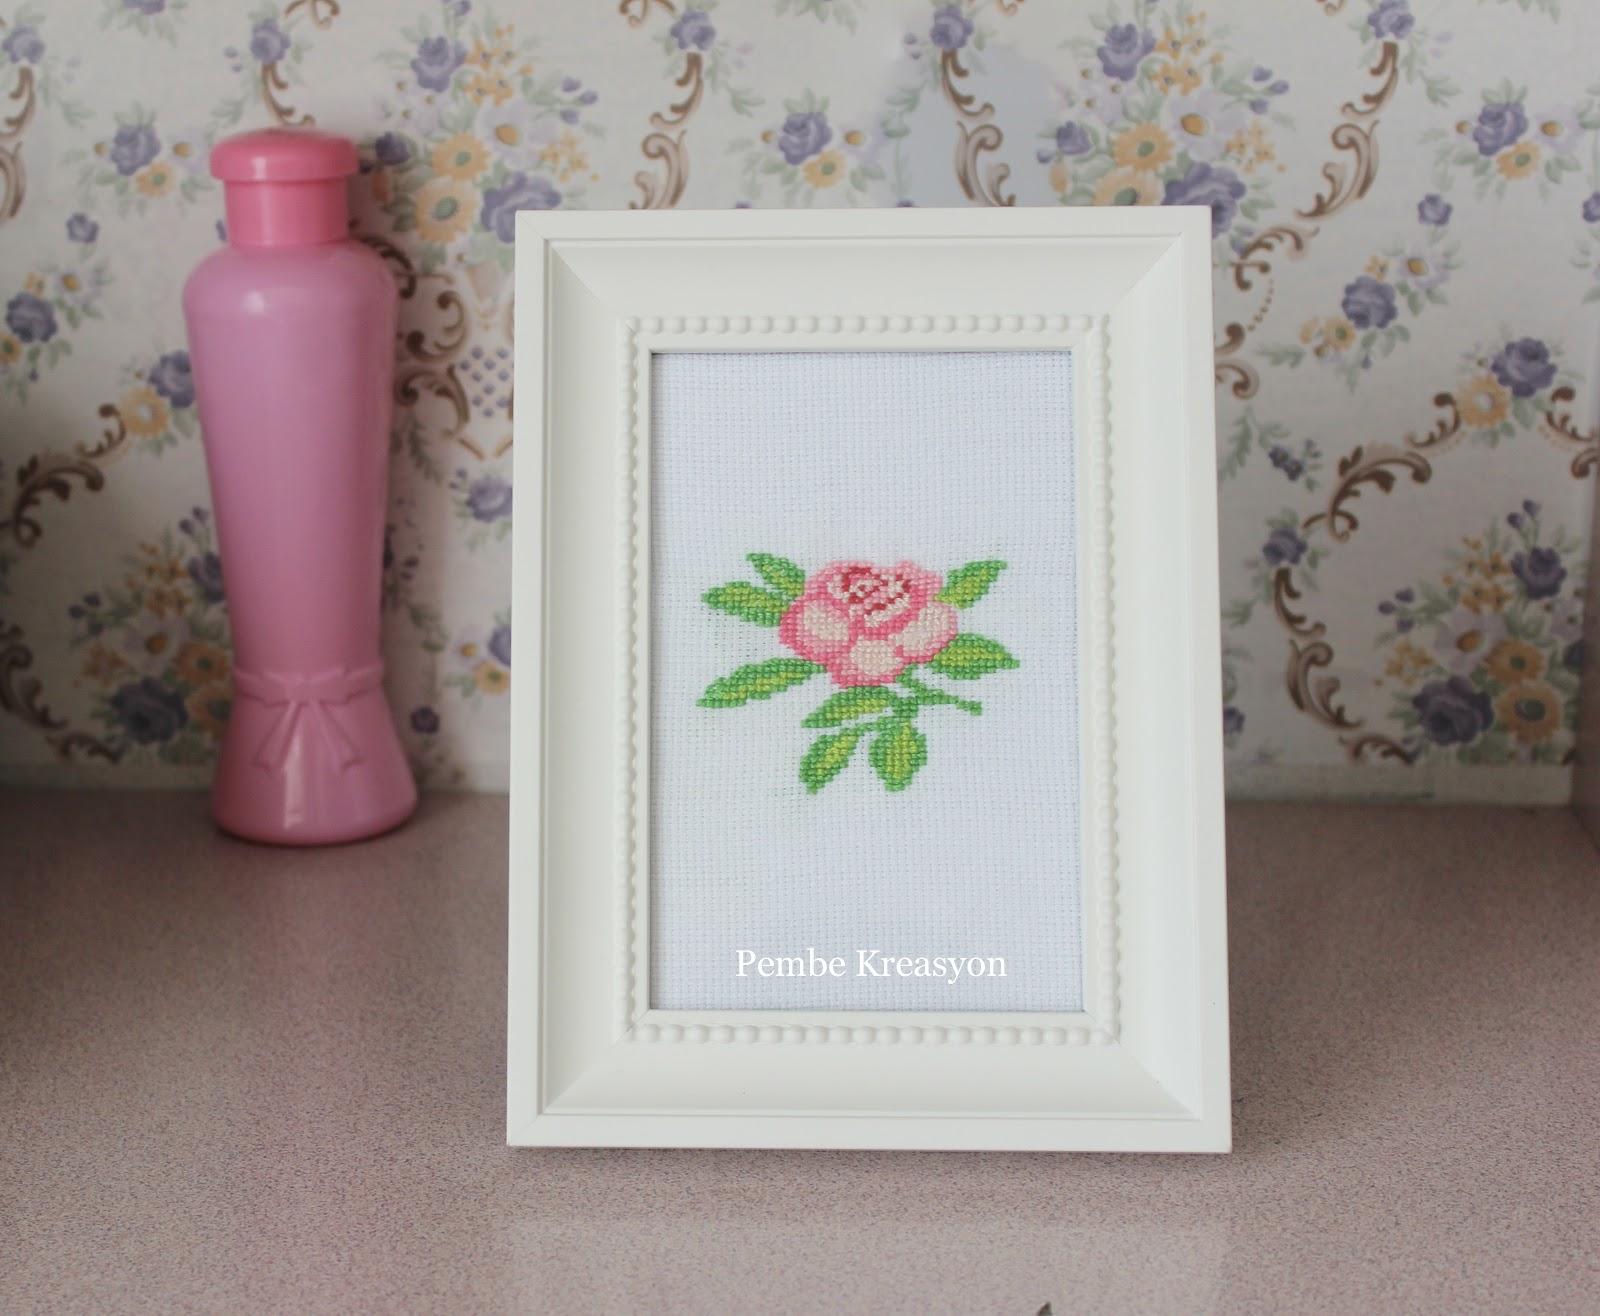 çarpı-işi-etamin-gül-şanlonu-cross-stitch-kaneviçe-rose-handmade-kendin-yap-ikea-ung-drill-sondrum-çerçeve-frame-gül-suyu-pinkrose.